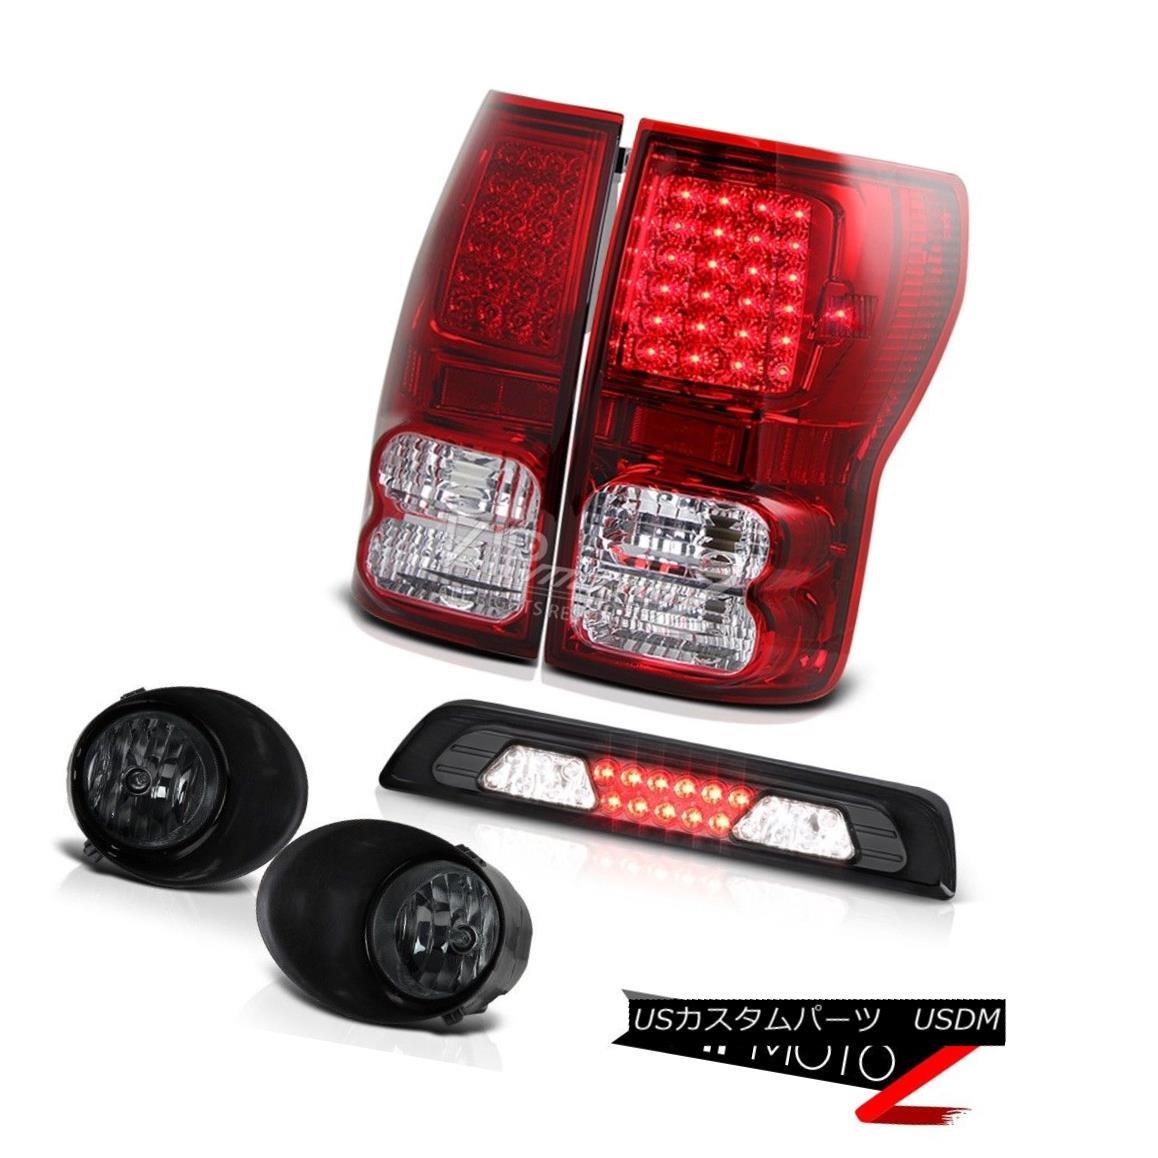 テールライト 07-13 Toyota Tundra SR5 Dark Smoke Fog Lights Third Brake Lamp Red Tail LED SMD 07-13トヨタツンドラSR5ダークスモークフォグライト第3ブレーキランプレッドテールLED SMD